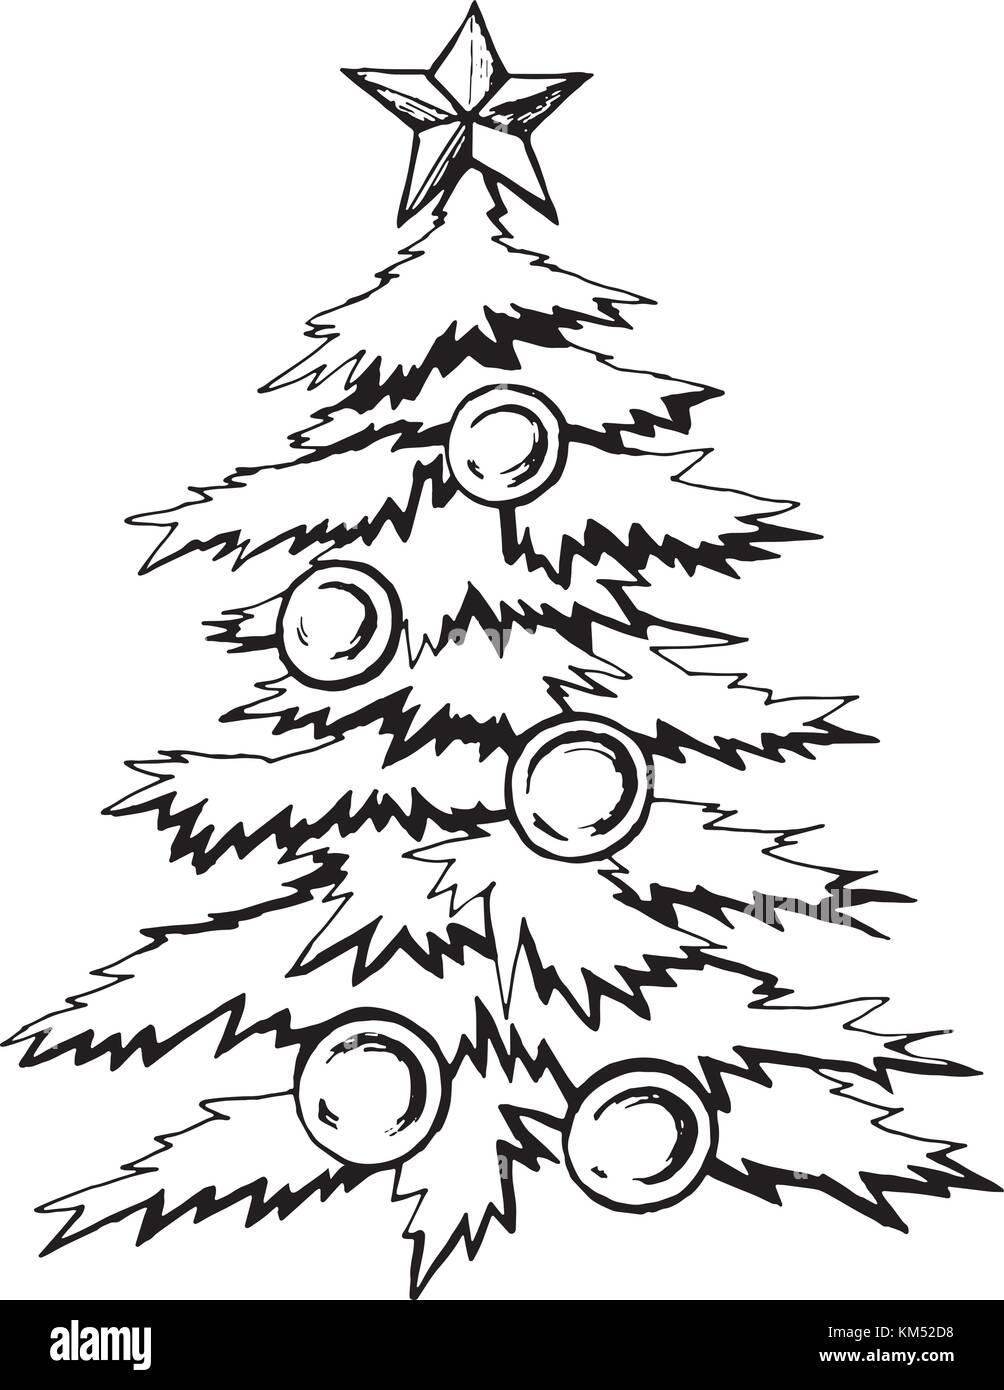 weihnachtsbaum mit kugeln dekoriert vektor abbildung. Black Bedroom Furniture Sets. Home Design Ideas